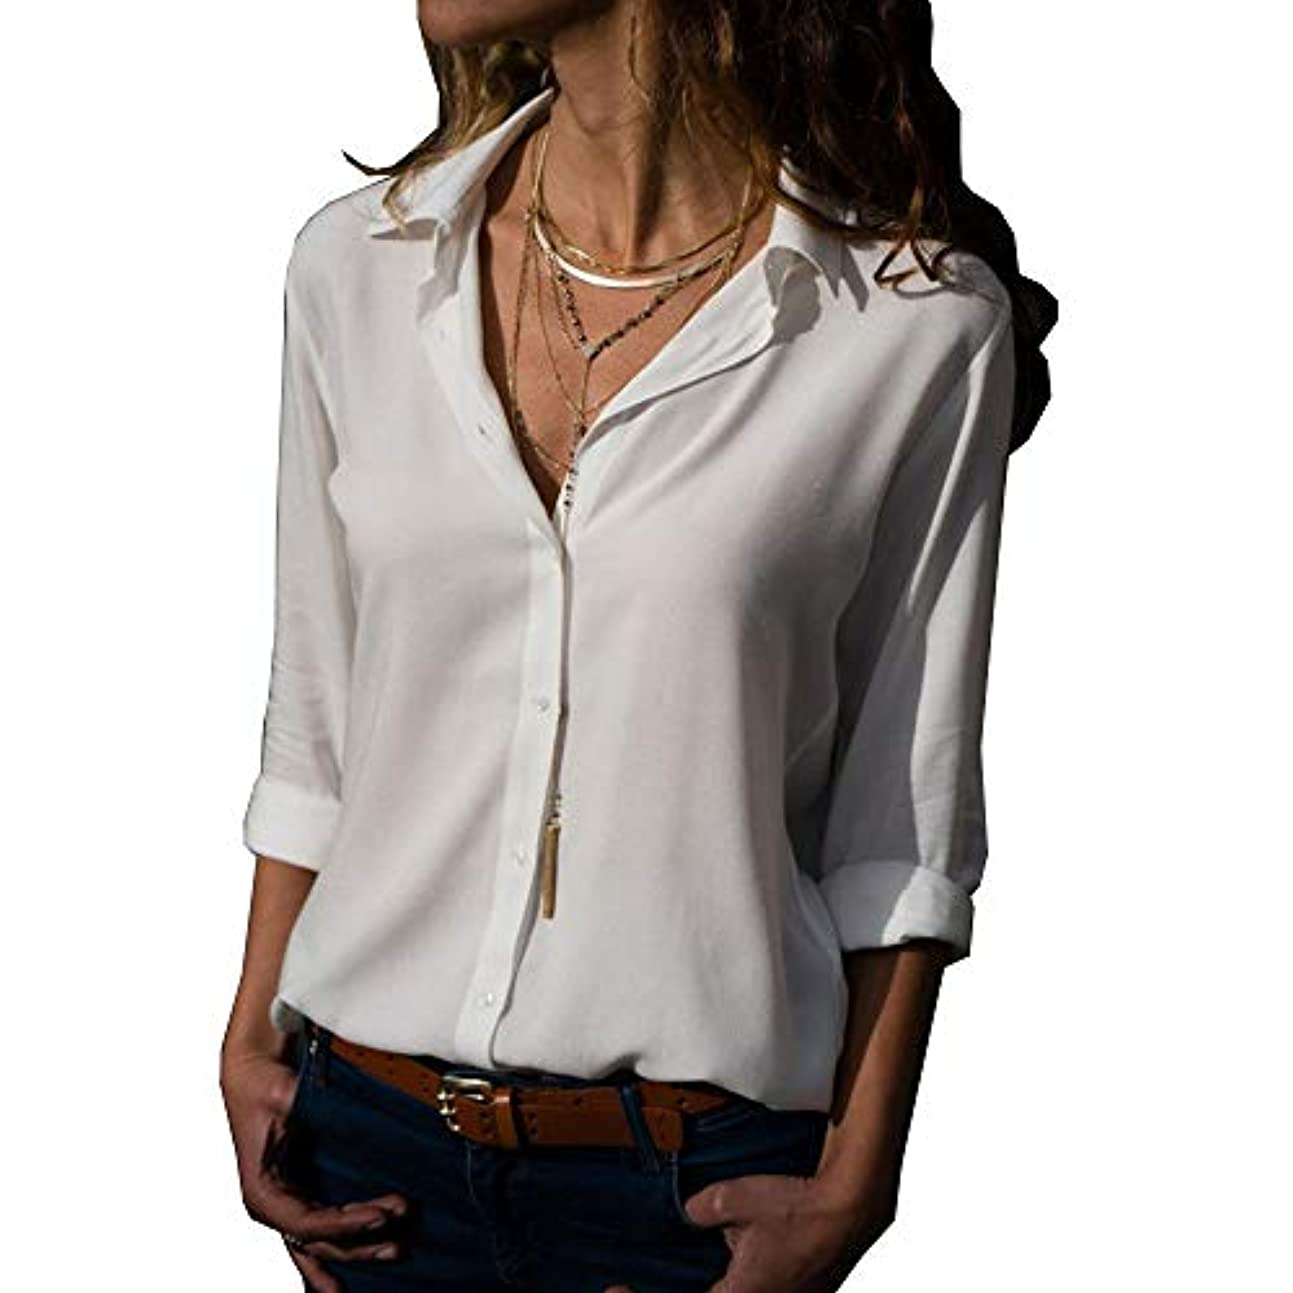 MIFAN ルーズシャツ、トップス&Tシャツ、プラスサイズ、トップス&ブラウス、シフォンブラウス、女性トップス、シフォンシャツ